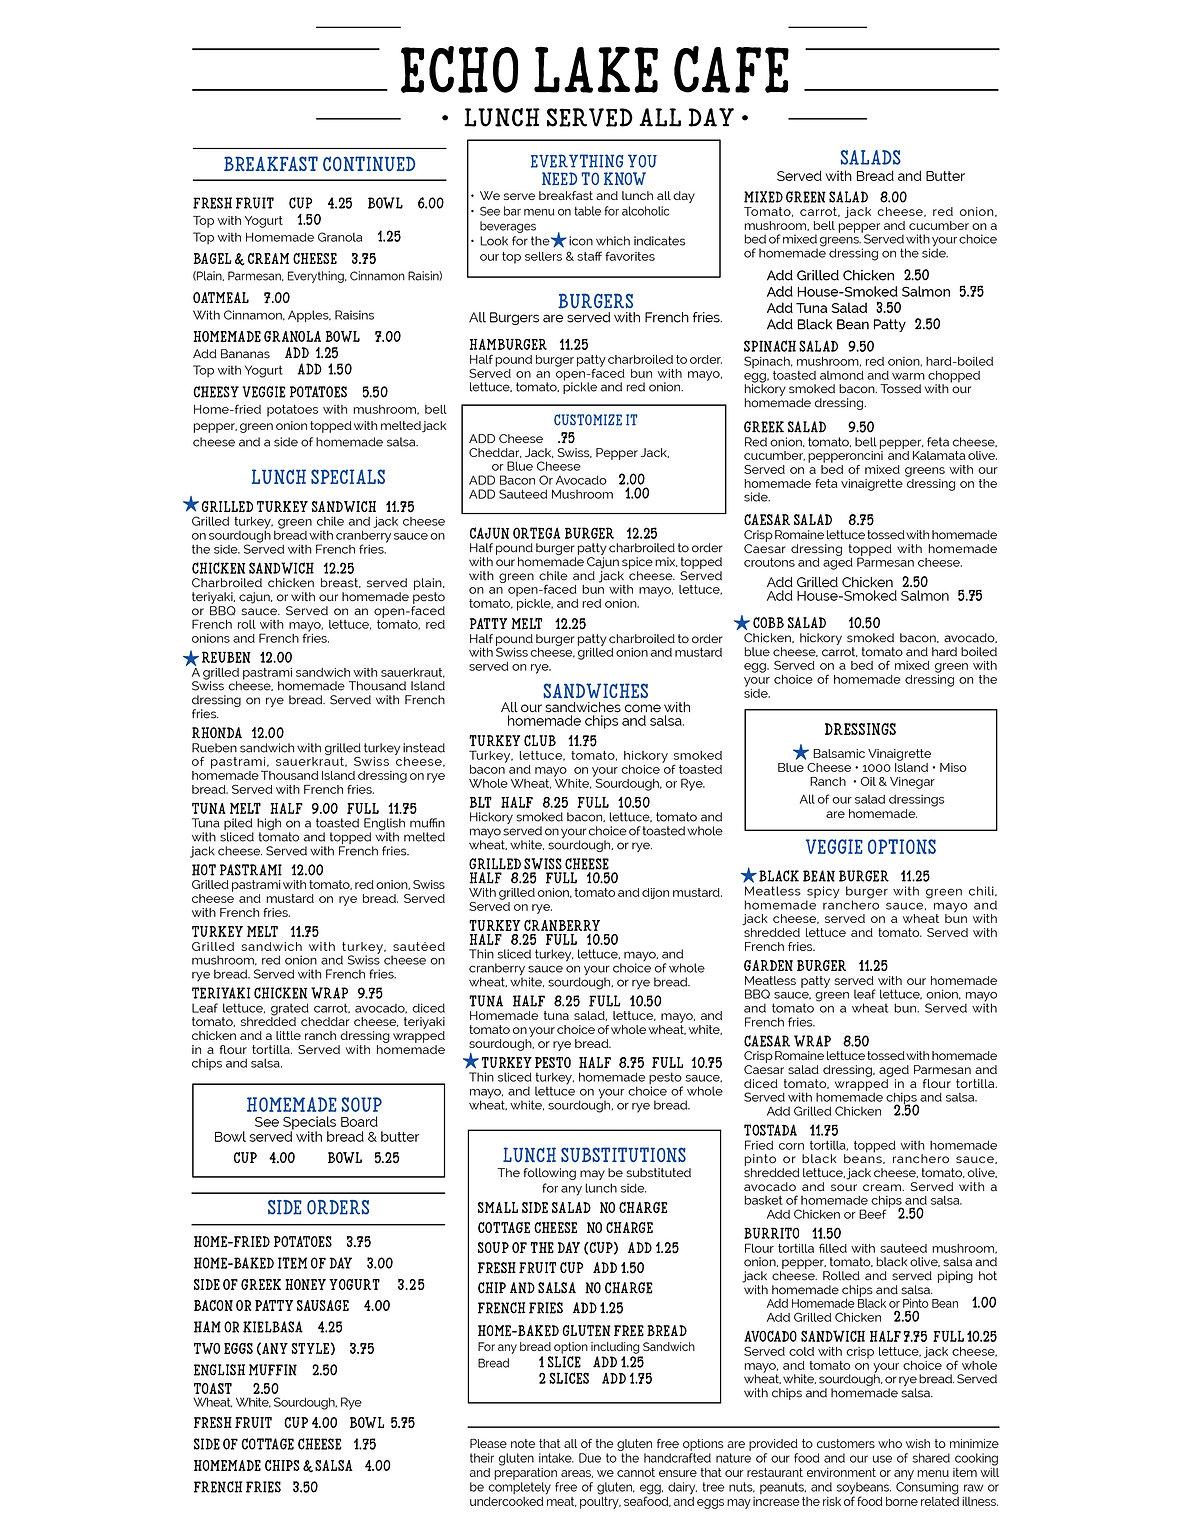 ELC togo menu 2020.jpg